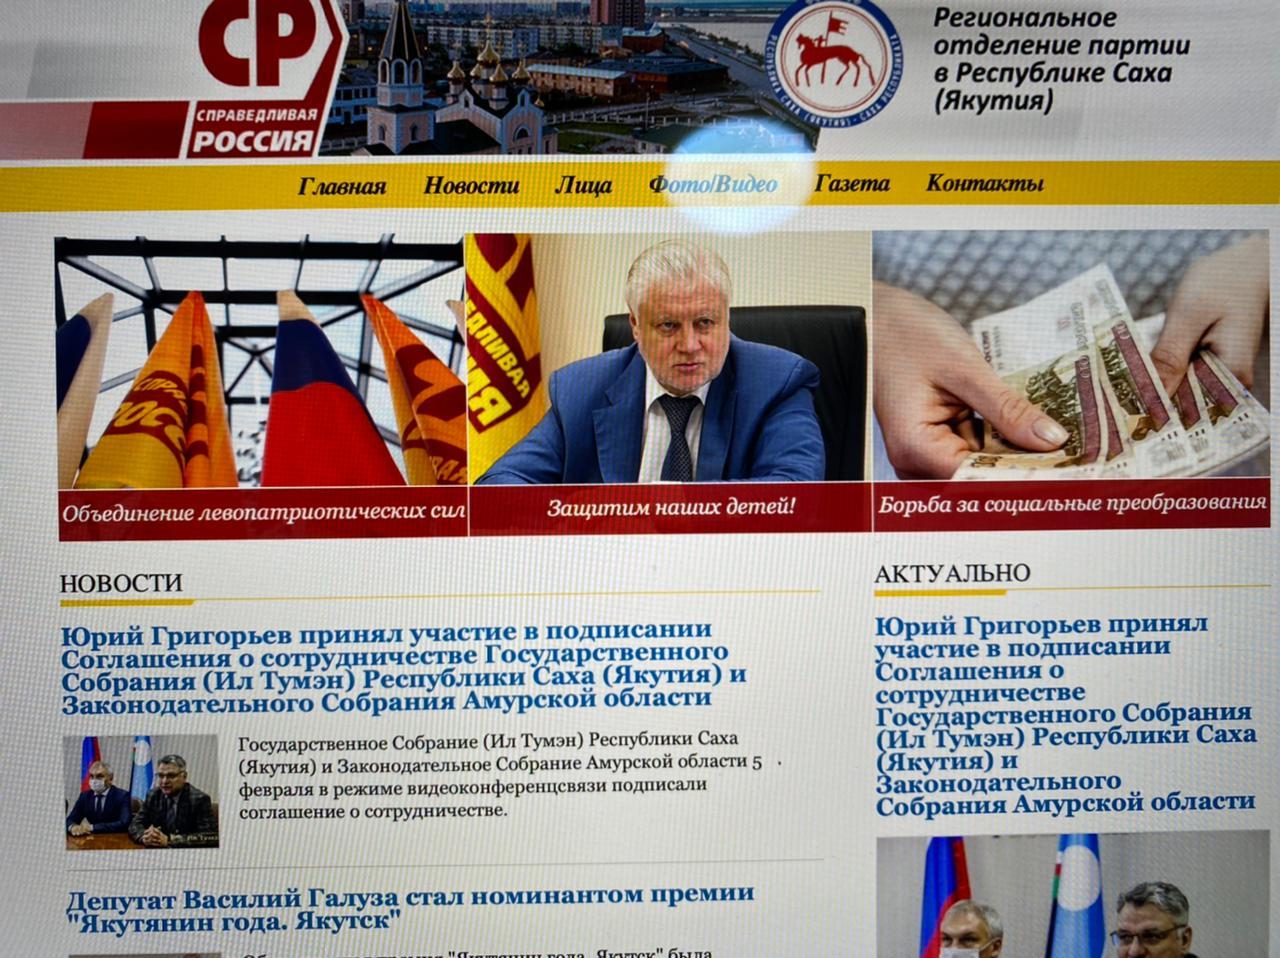 На официальном сайте справороссов нет информации о выдвижении кандидата на выборах мэра Якутска